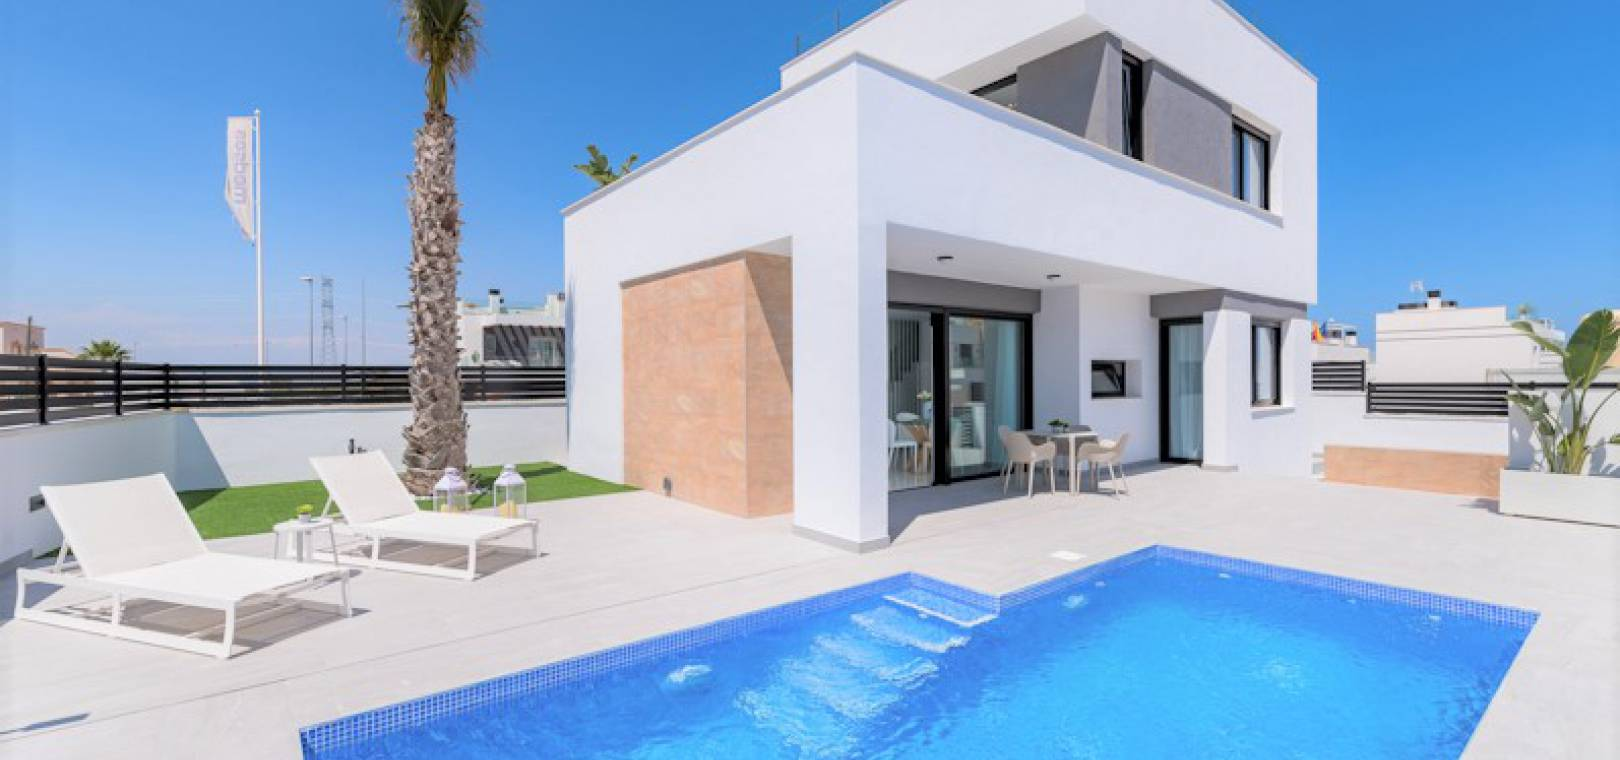 New Build - Villa - Villamartin